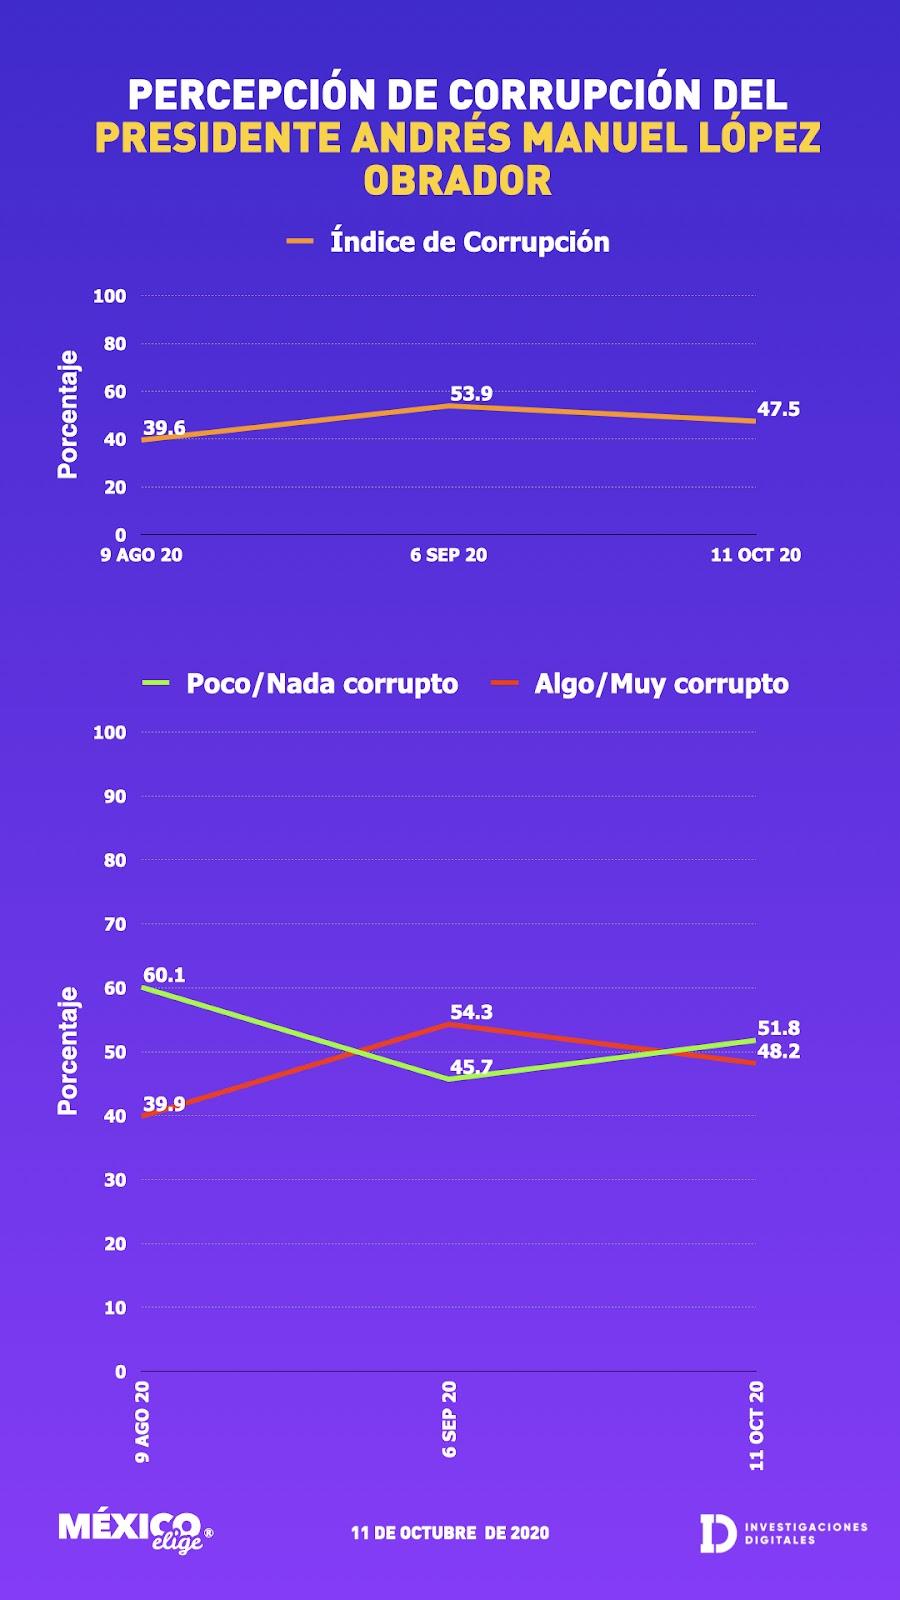 Gráfica percepción de corrupción del presidente AMLO